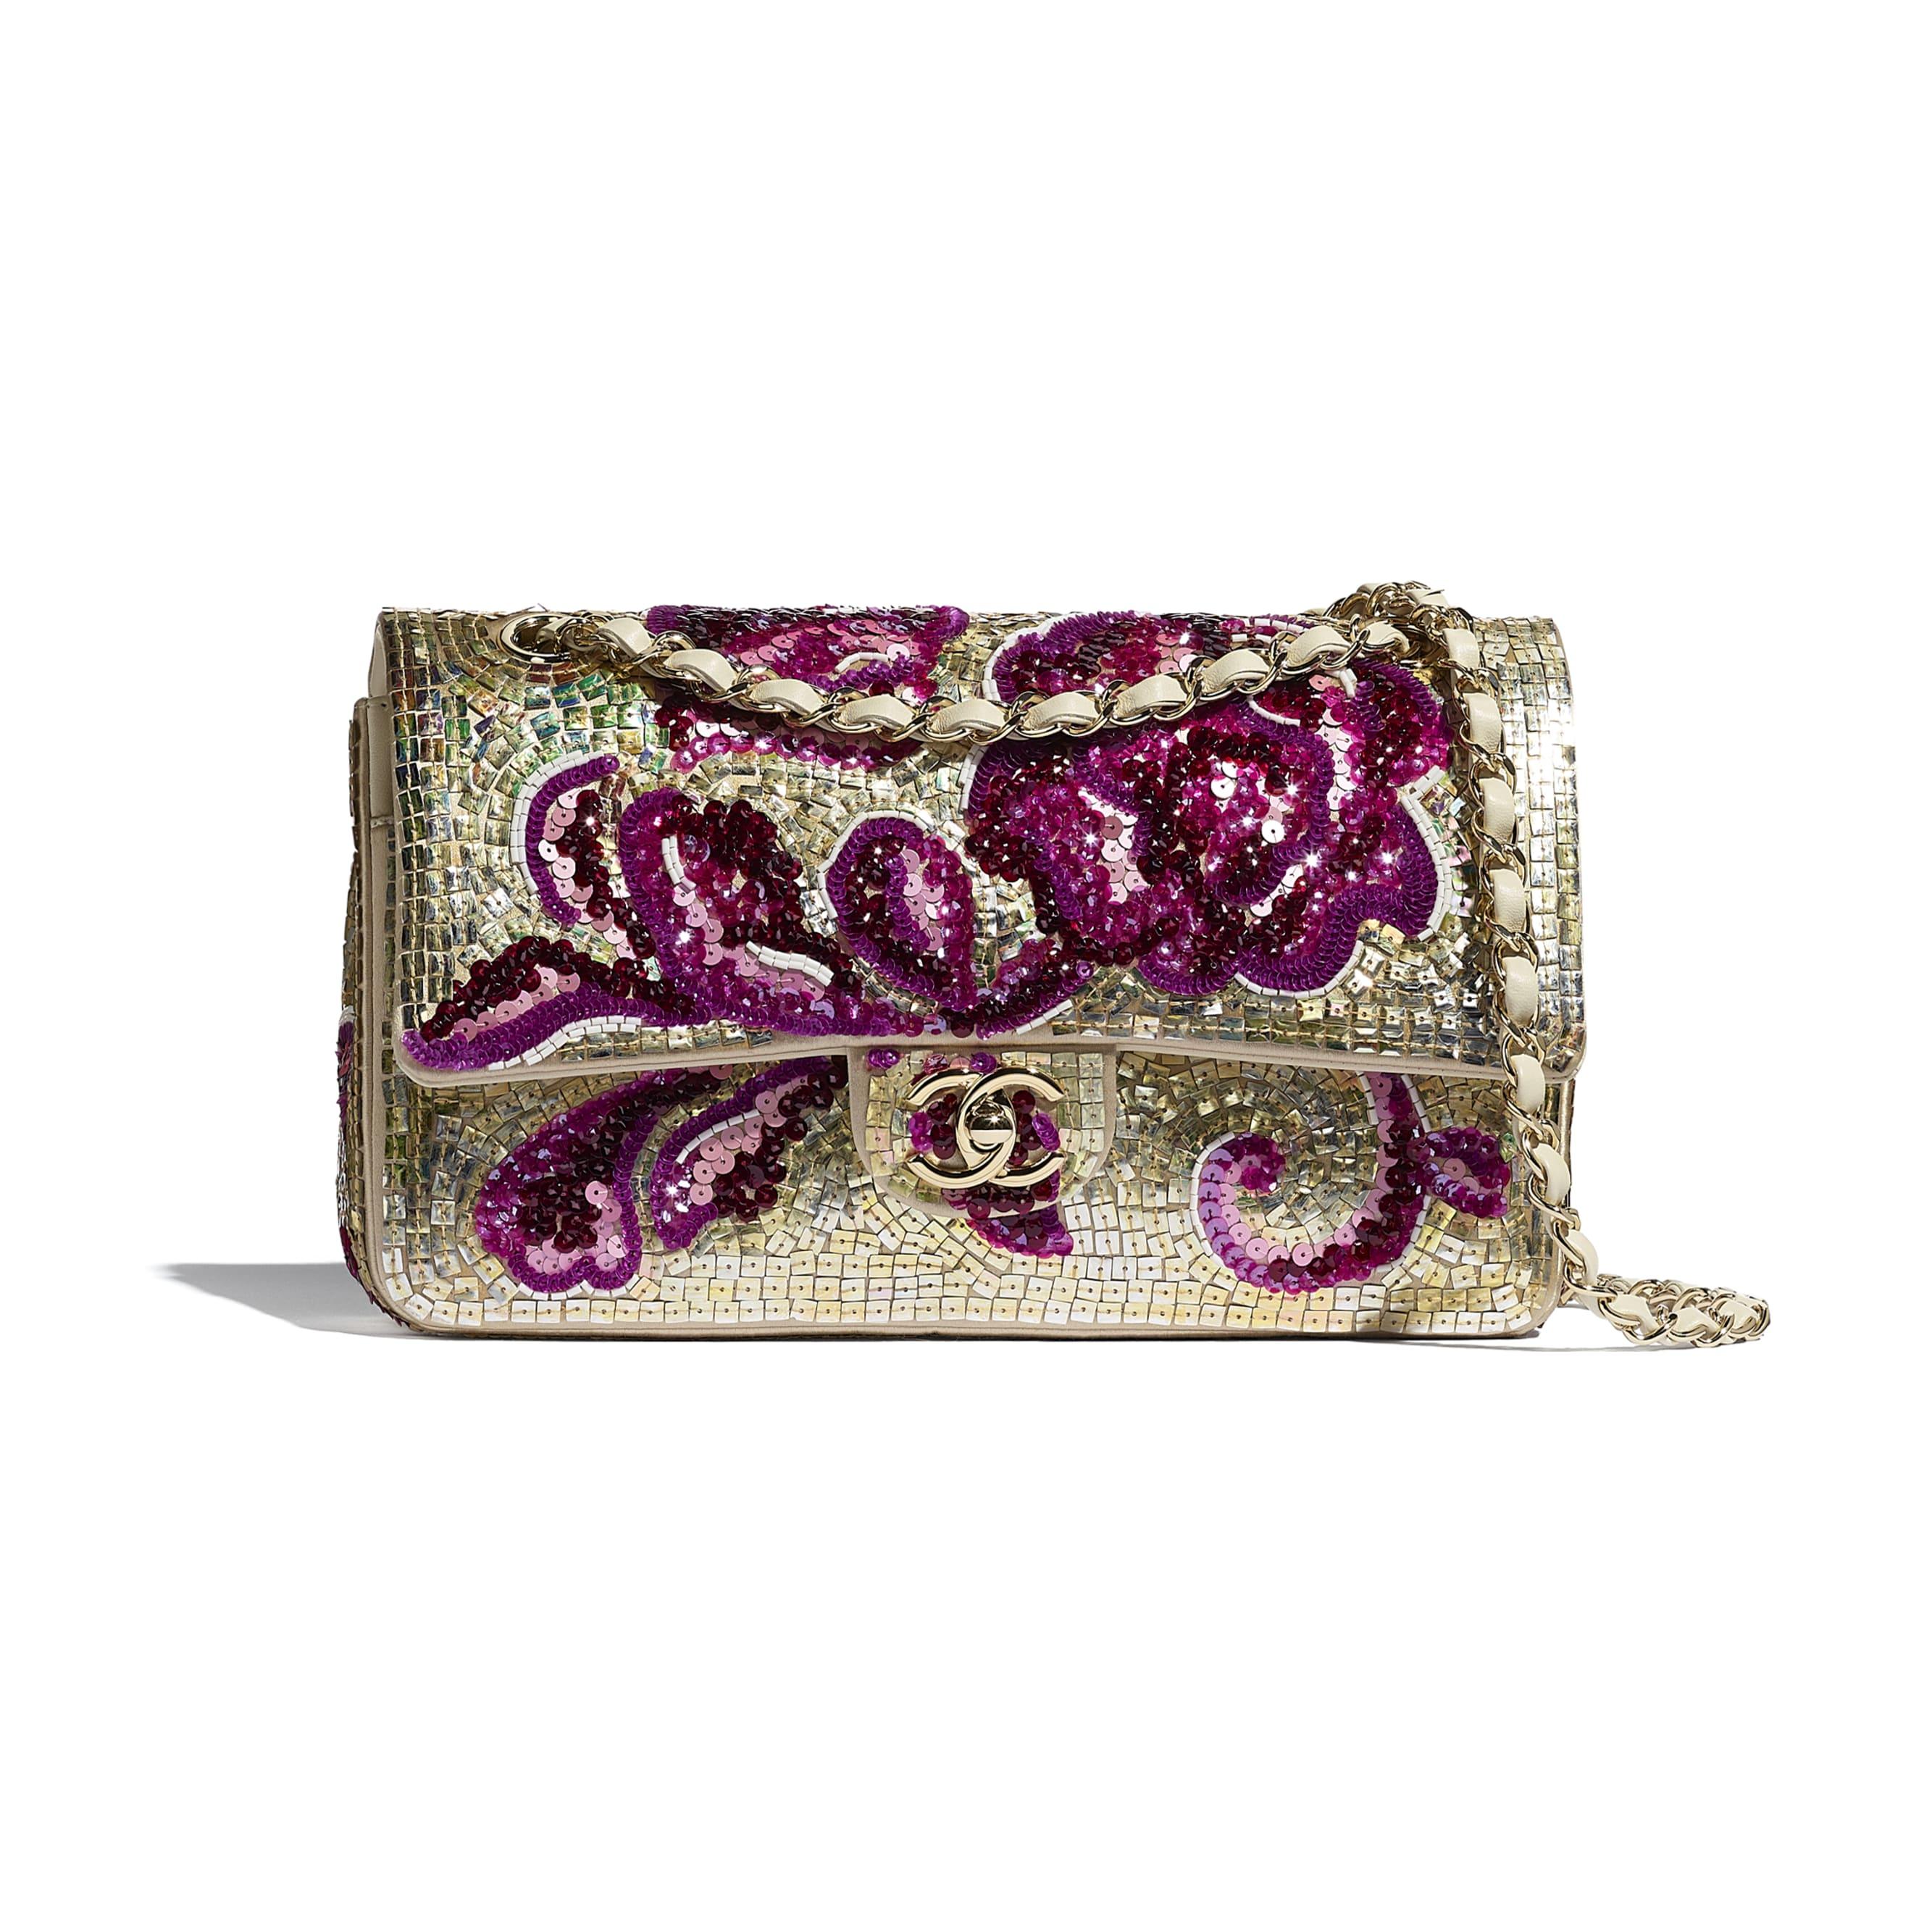 Классическая сумка-конверт - Фиолетовый и золотистый - Пайетки, стеклянный жемчуг, кожа ягненка и золотистый металл - CHANEL - Вид по умолчанию - посмотреть изображение стандартного размера